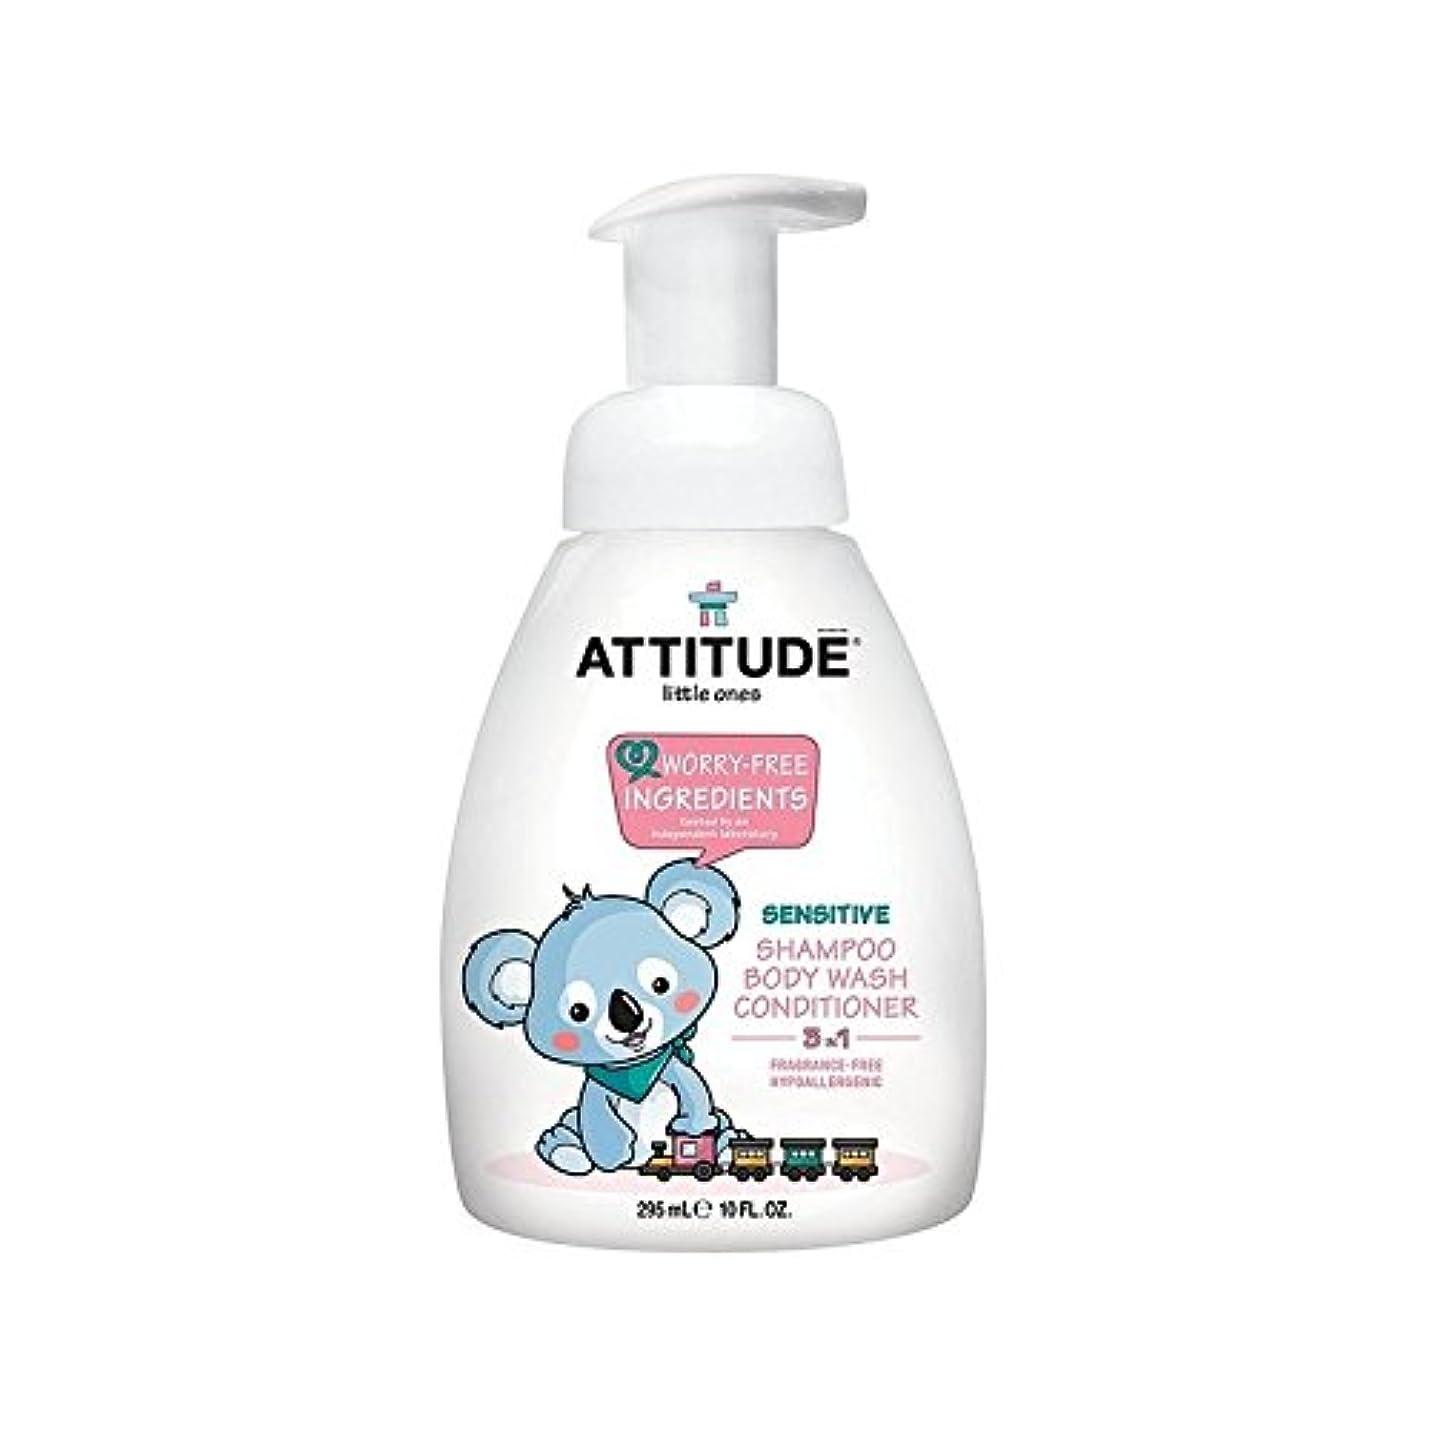 ゲスト部分的司令官小さなもの3 1シャンプーシャワーコンディショナーポンプ無香料295ミリリットル (Attitude) - Attitude Little Ones 3 in 1 Shampoo Shower Conditioner Pump Fragrance Free 295ml [並行輸入品]